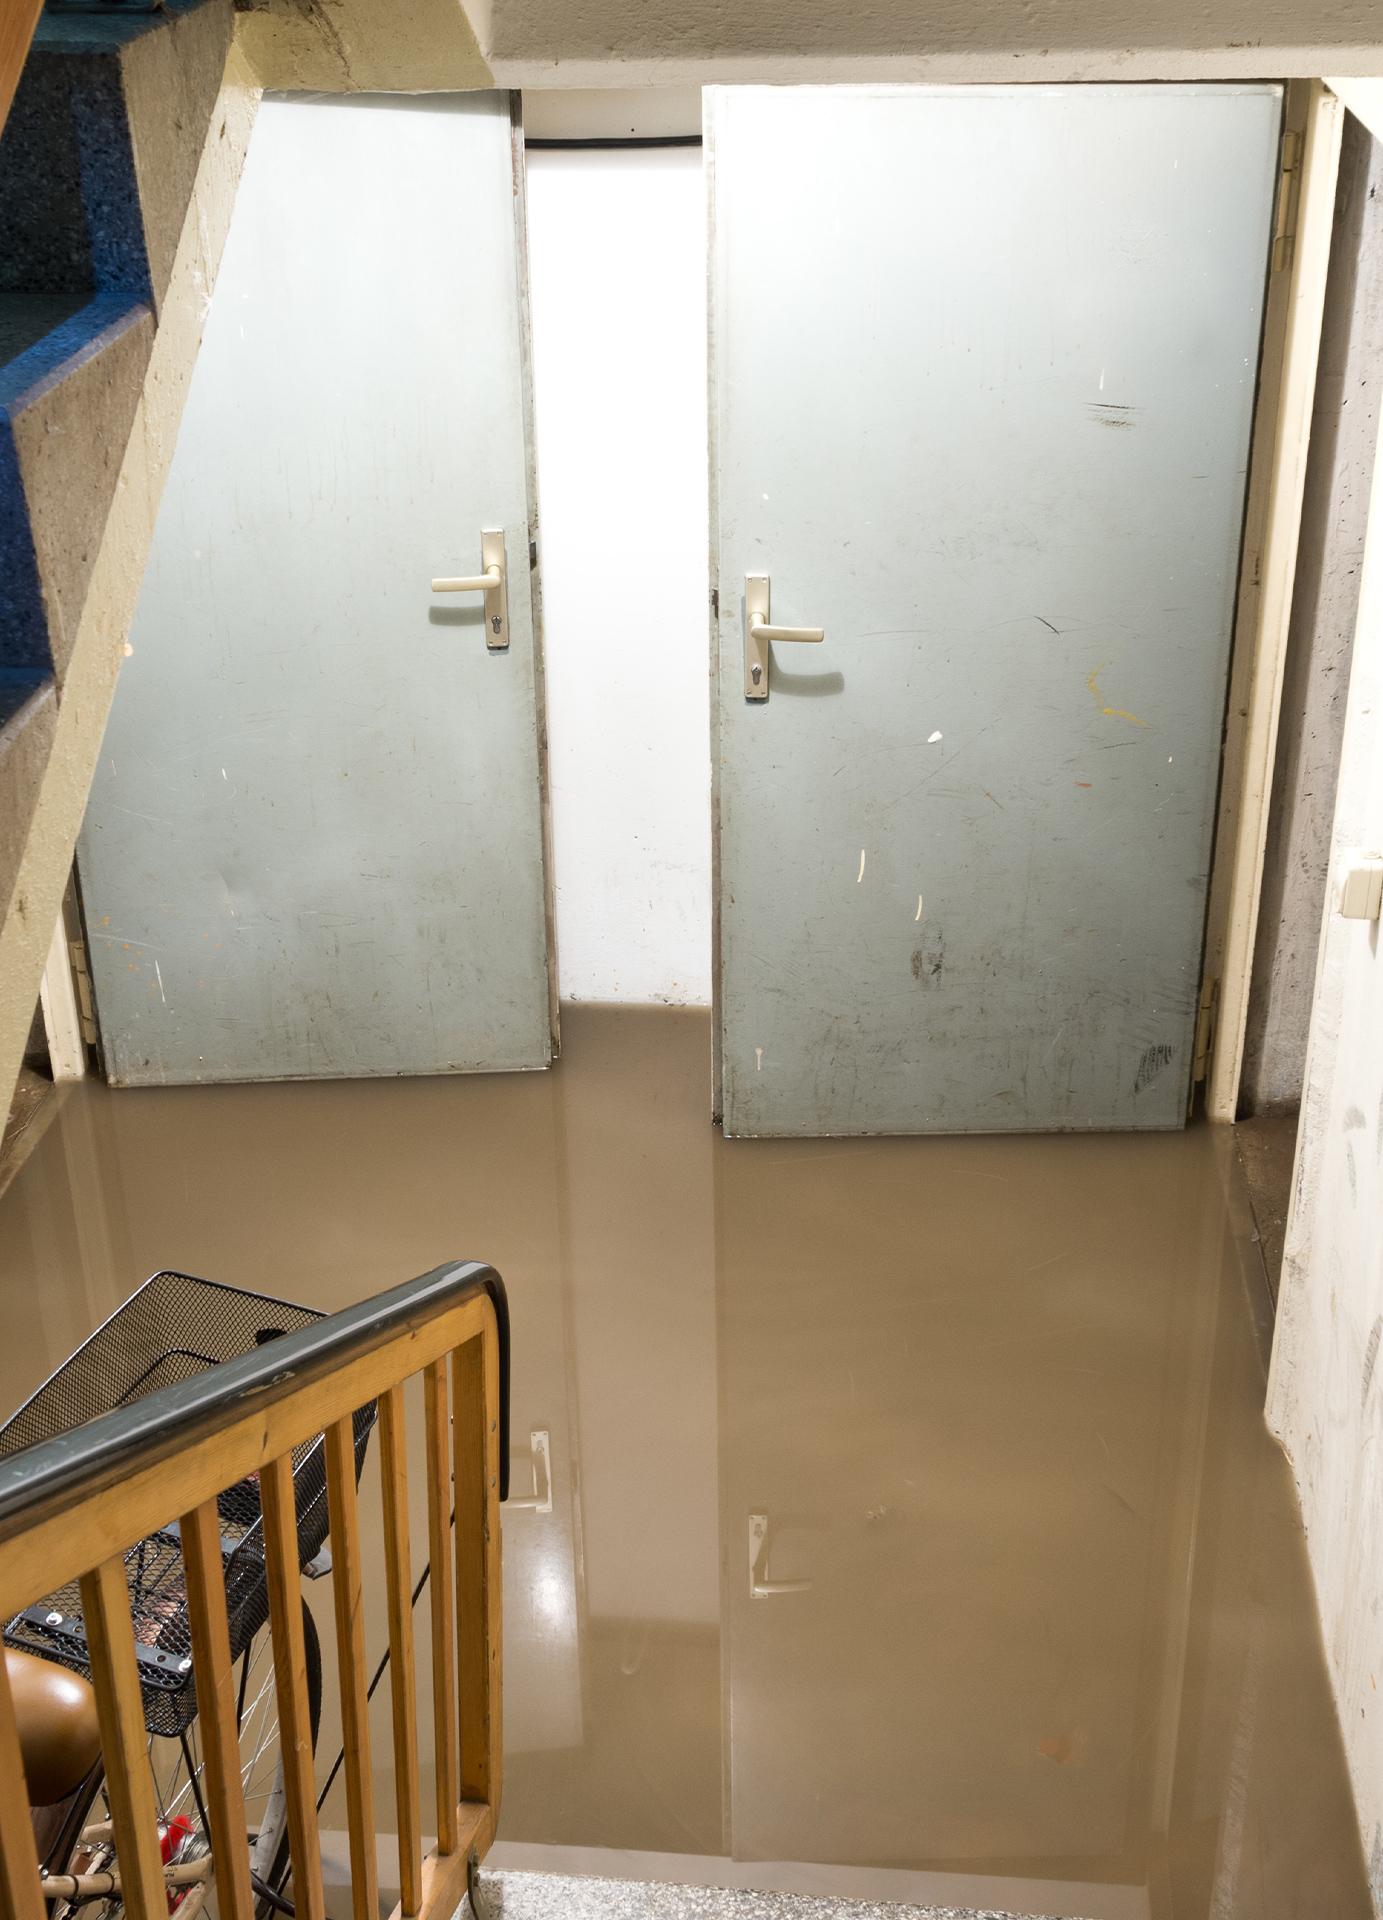 Häufig Kanalreinigung | Abflussreinigung | Kanalsanierung | Rohrreinigung JR25